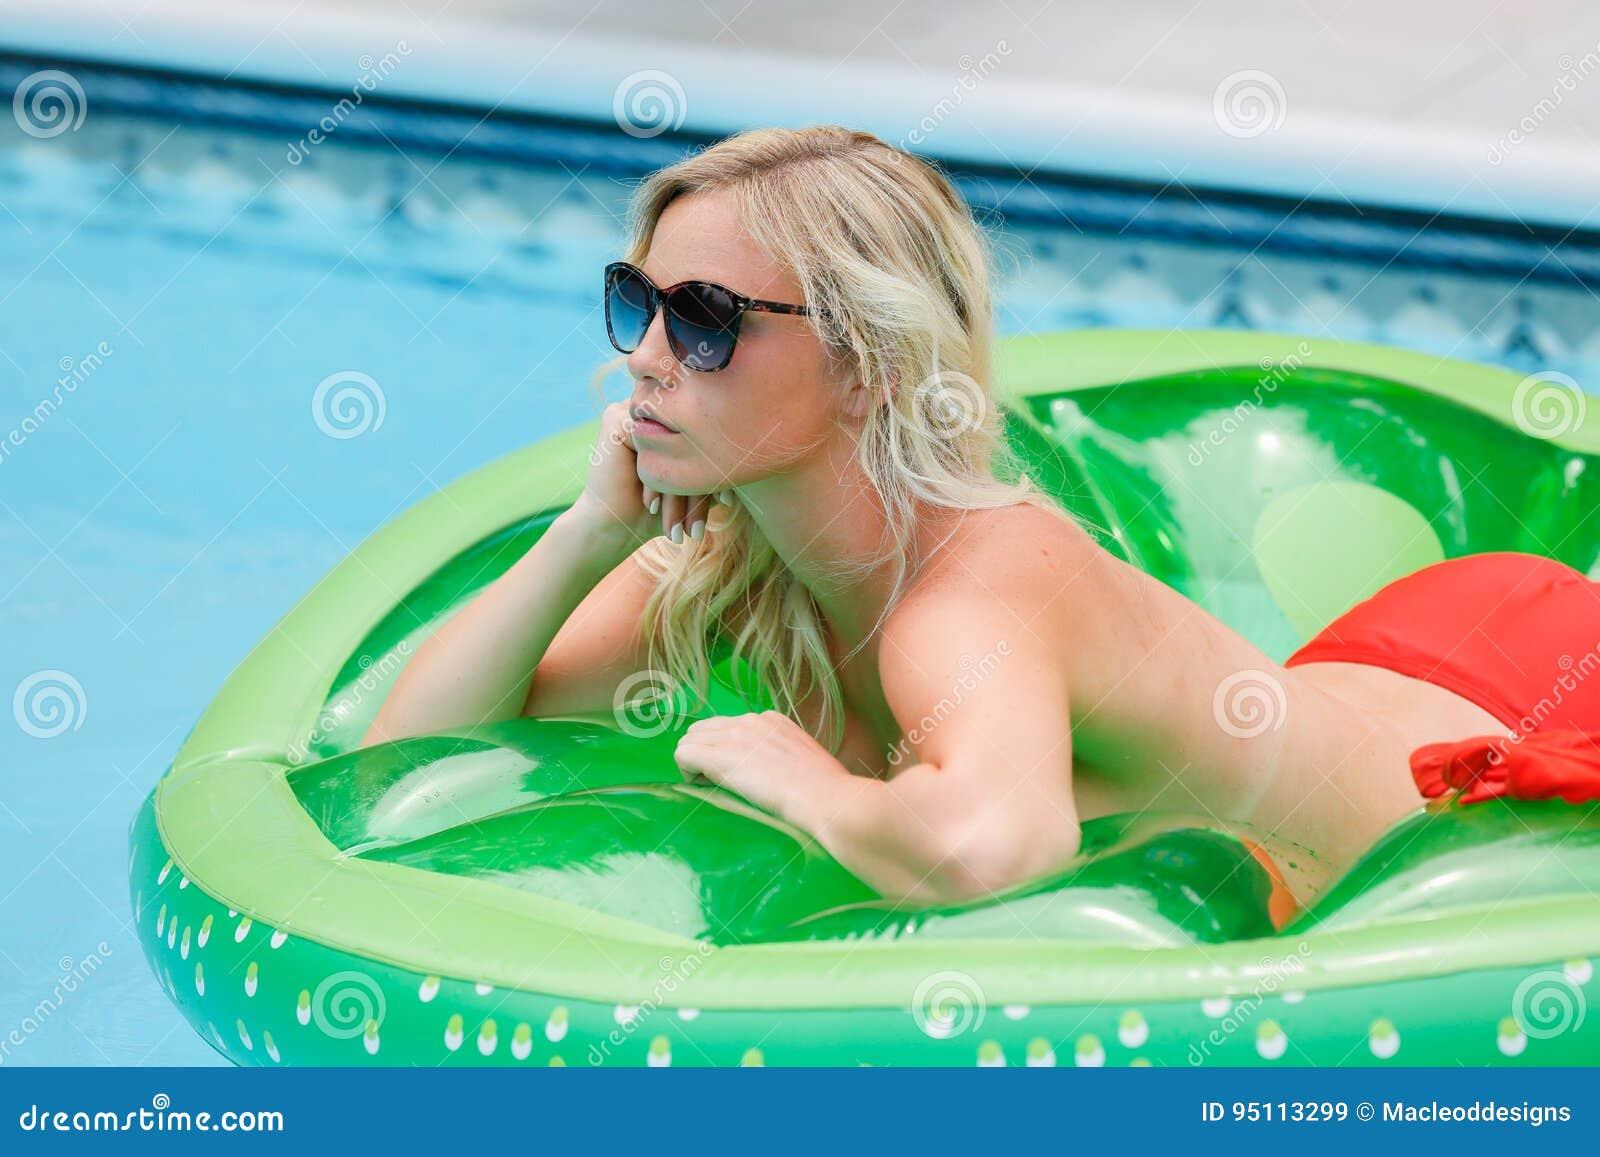 Blonde in pool